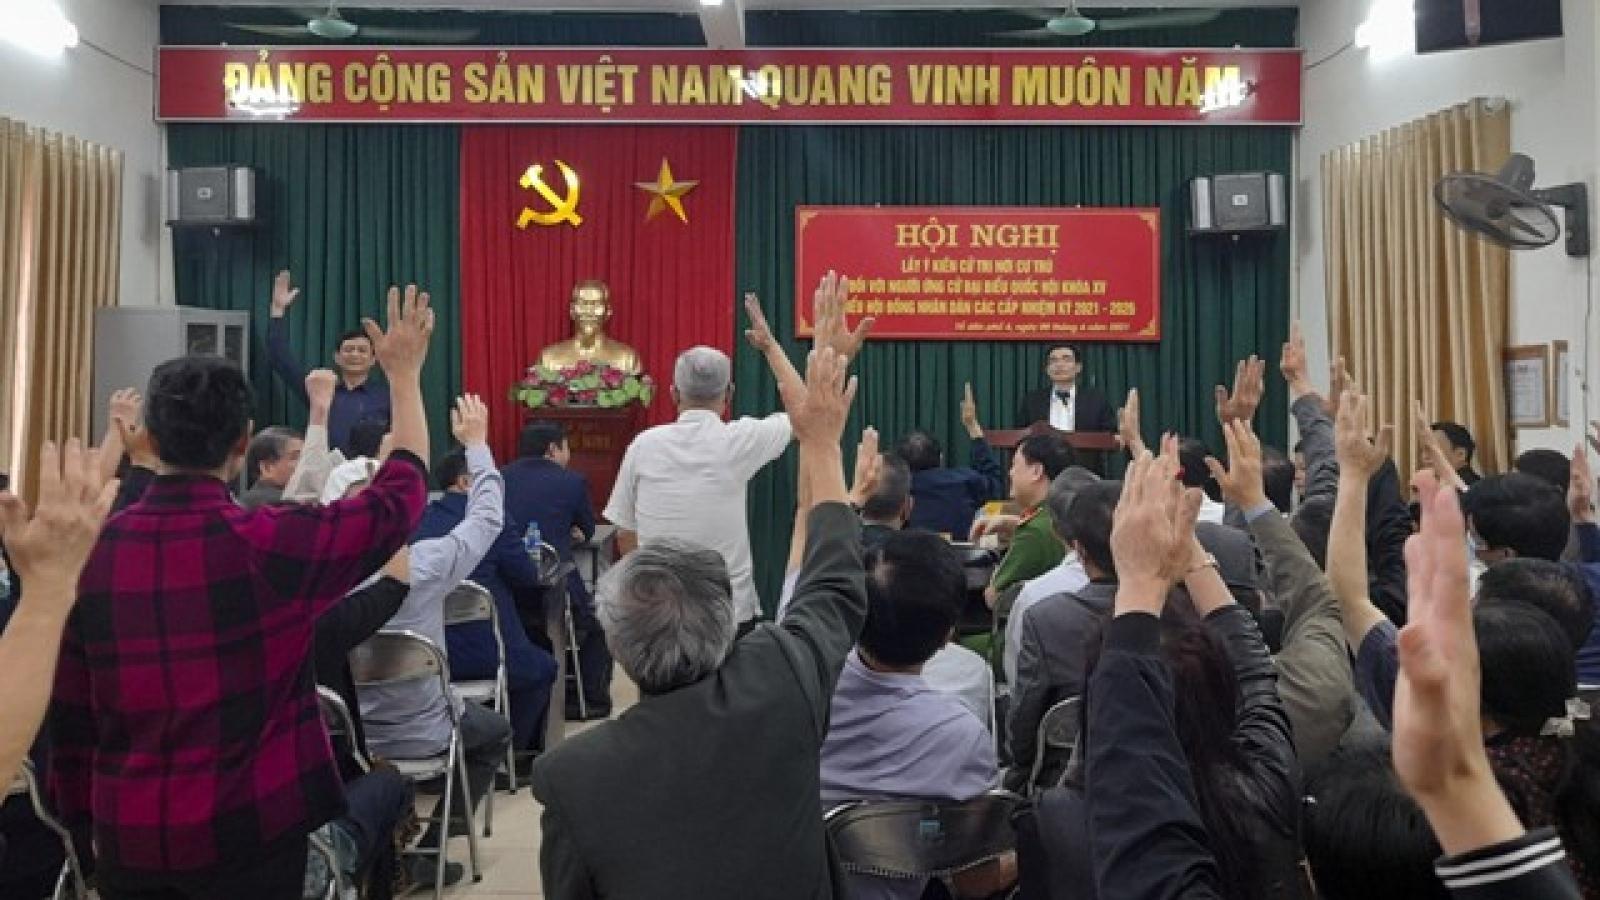 Hội nghị cử tri nơi cư trú - Thử thách đầu tiên đối với các ứng cử viên